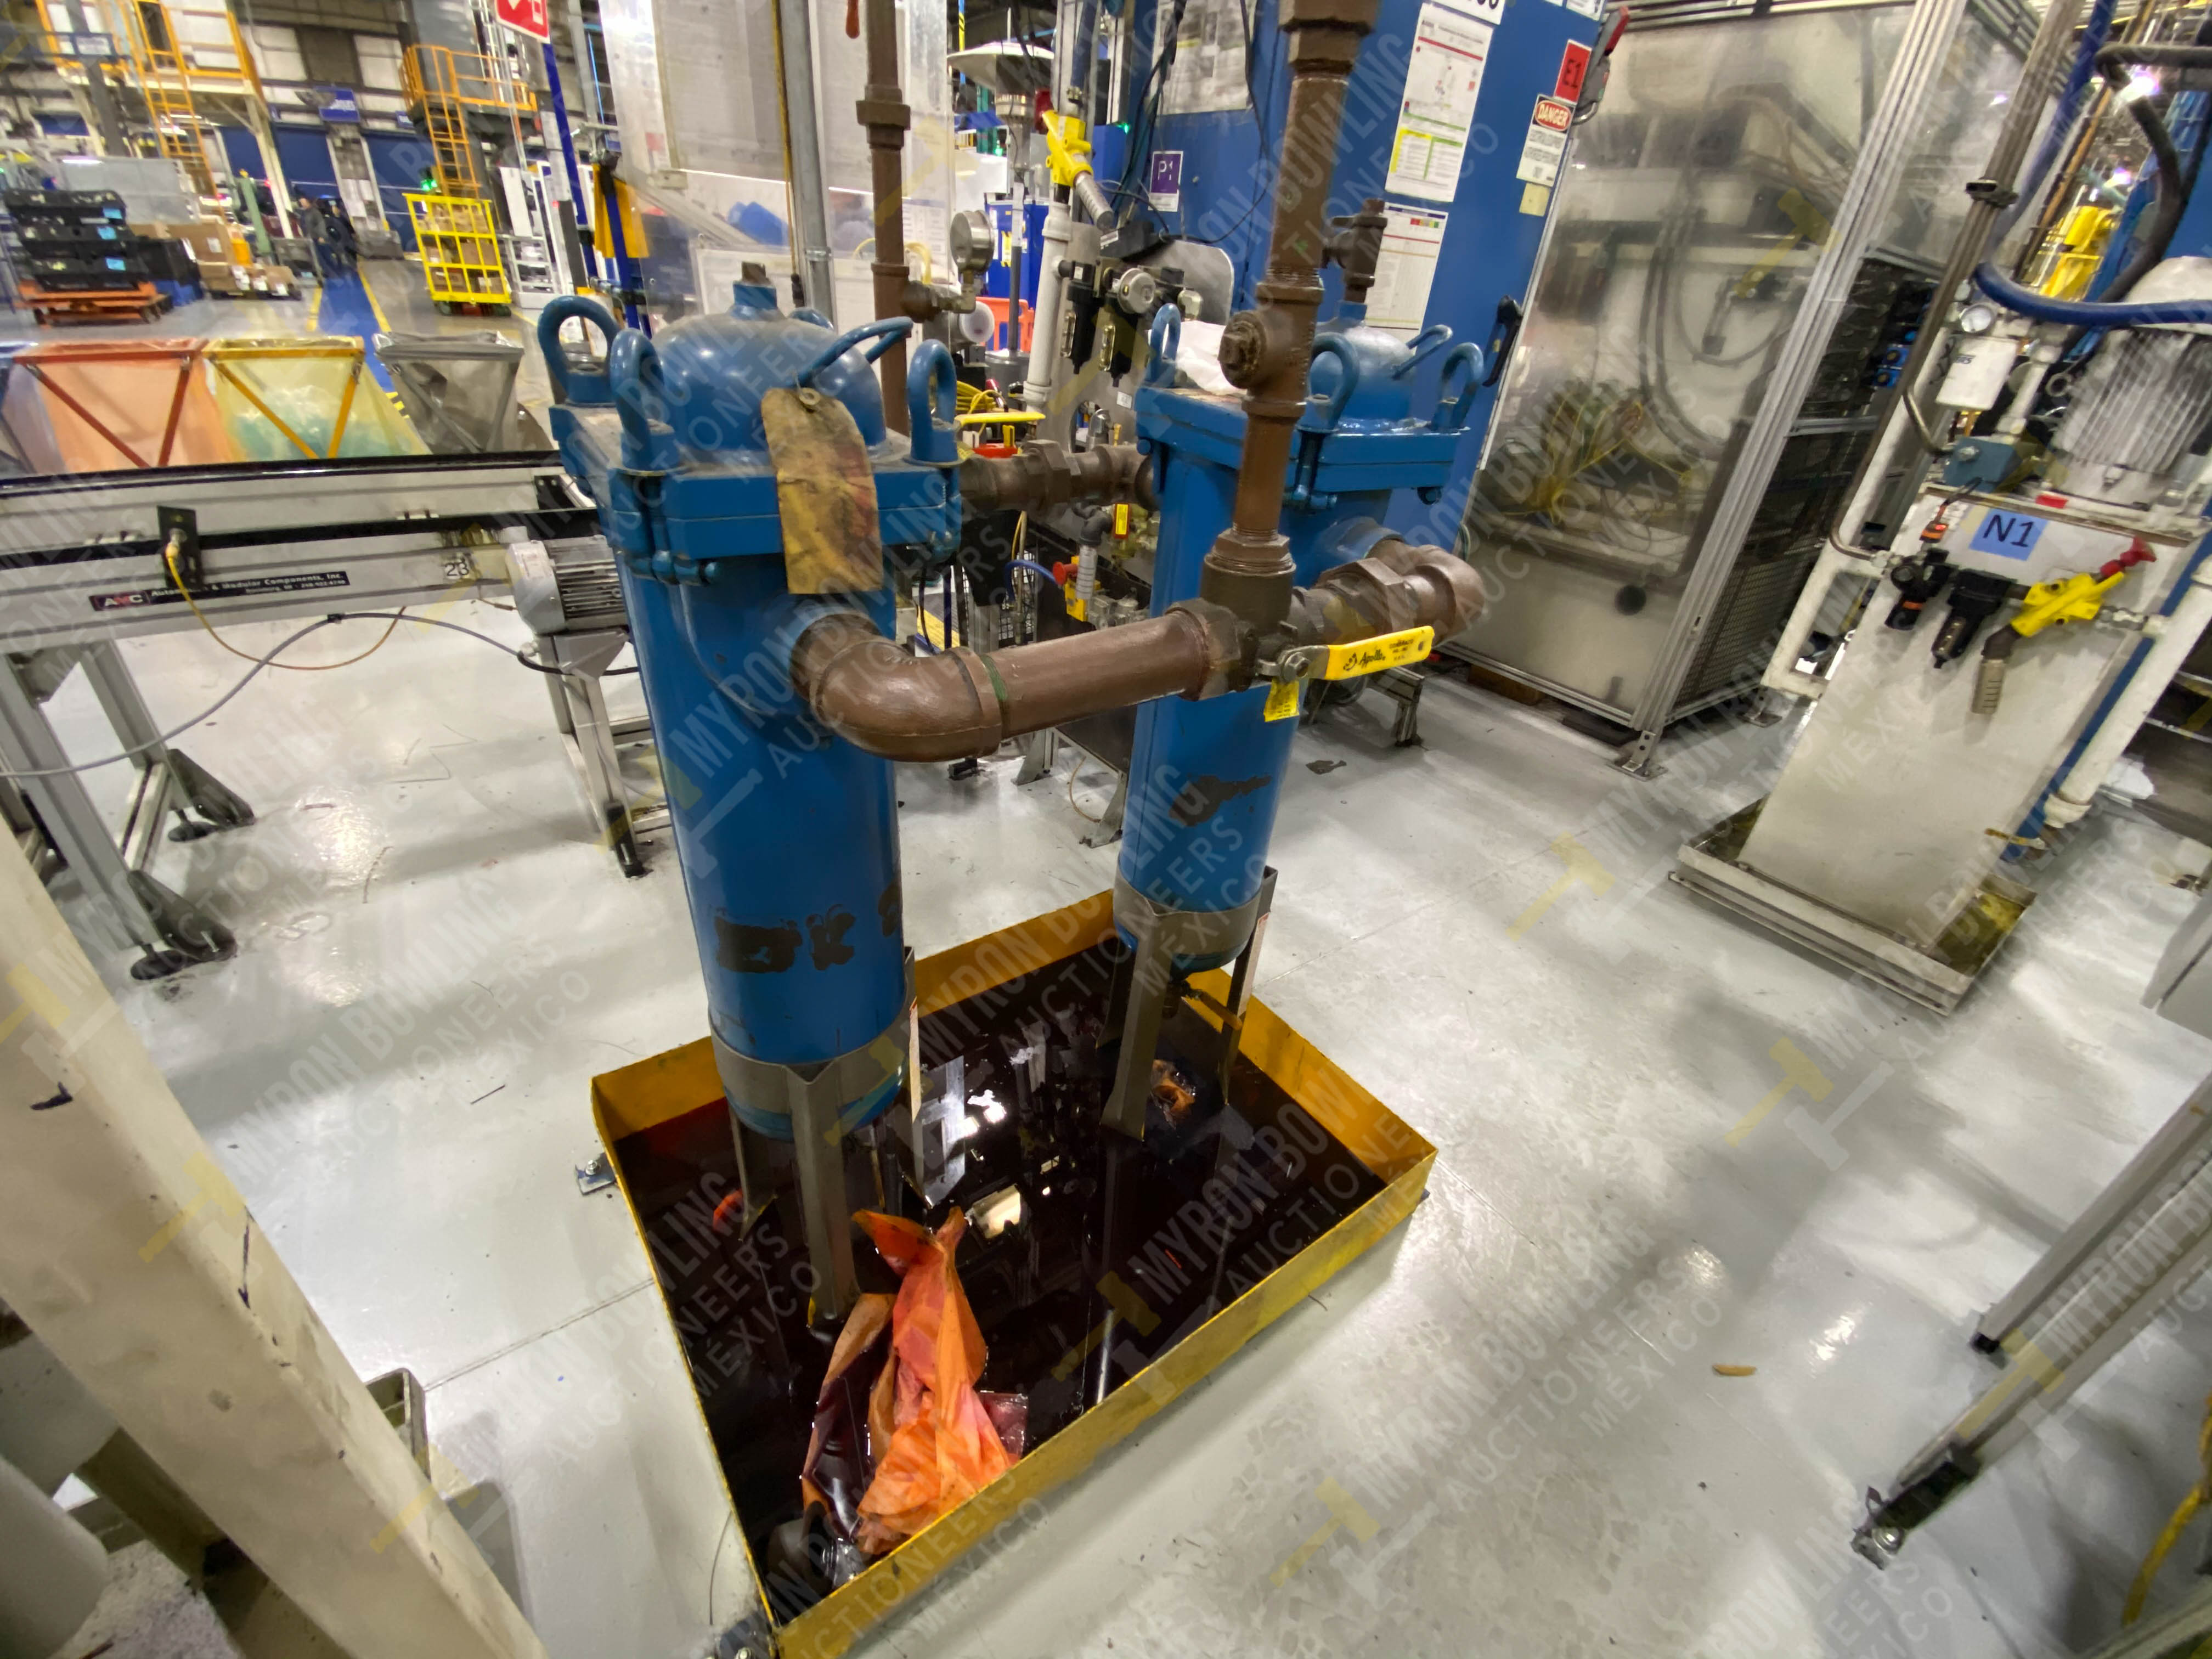 Bomba de aceite y filtros para el llenado de housings en lote 30 y 31. - Image 5 of 30